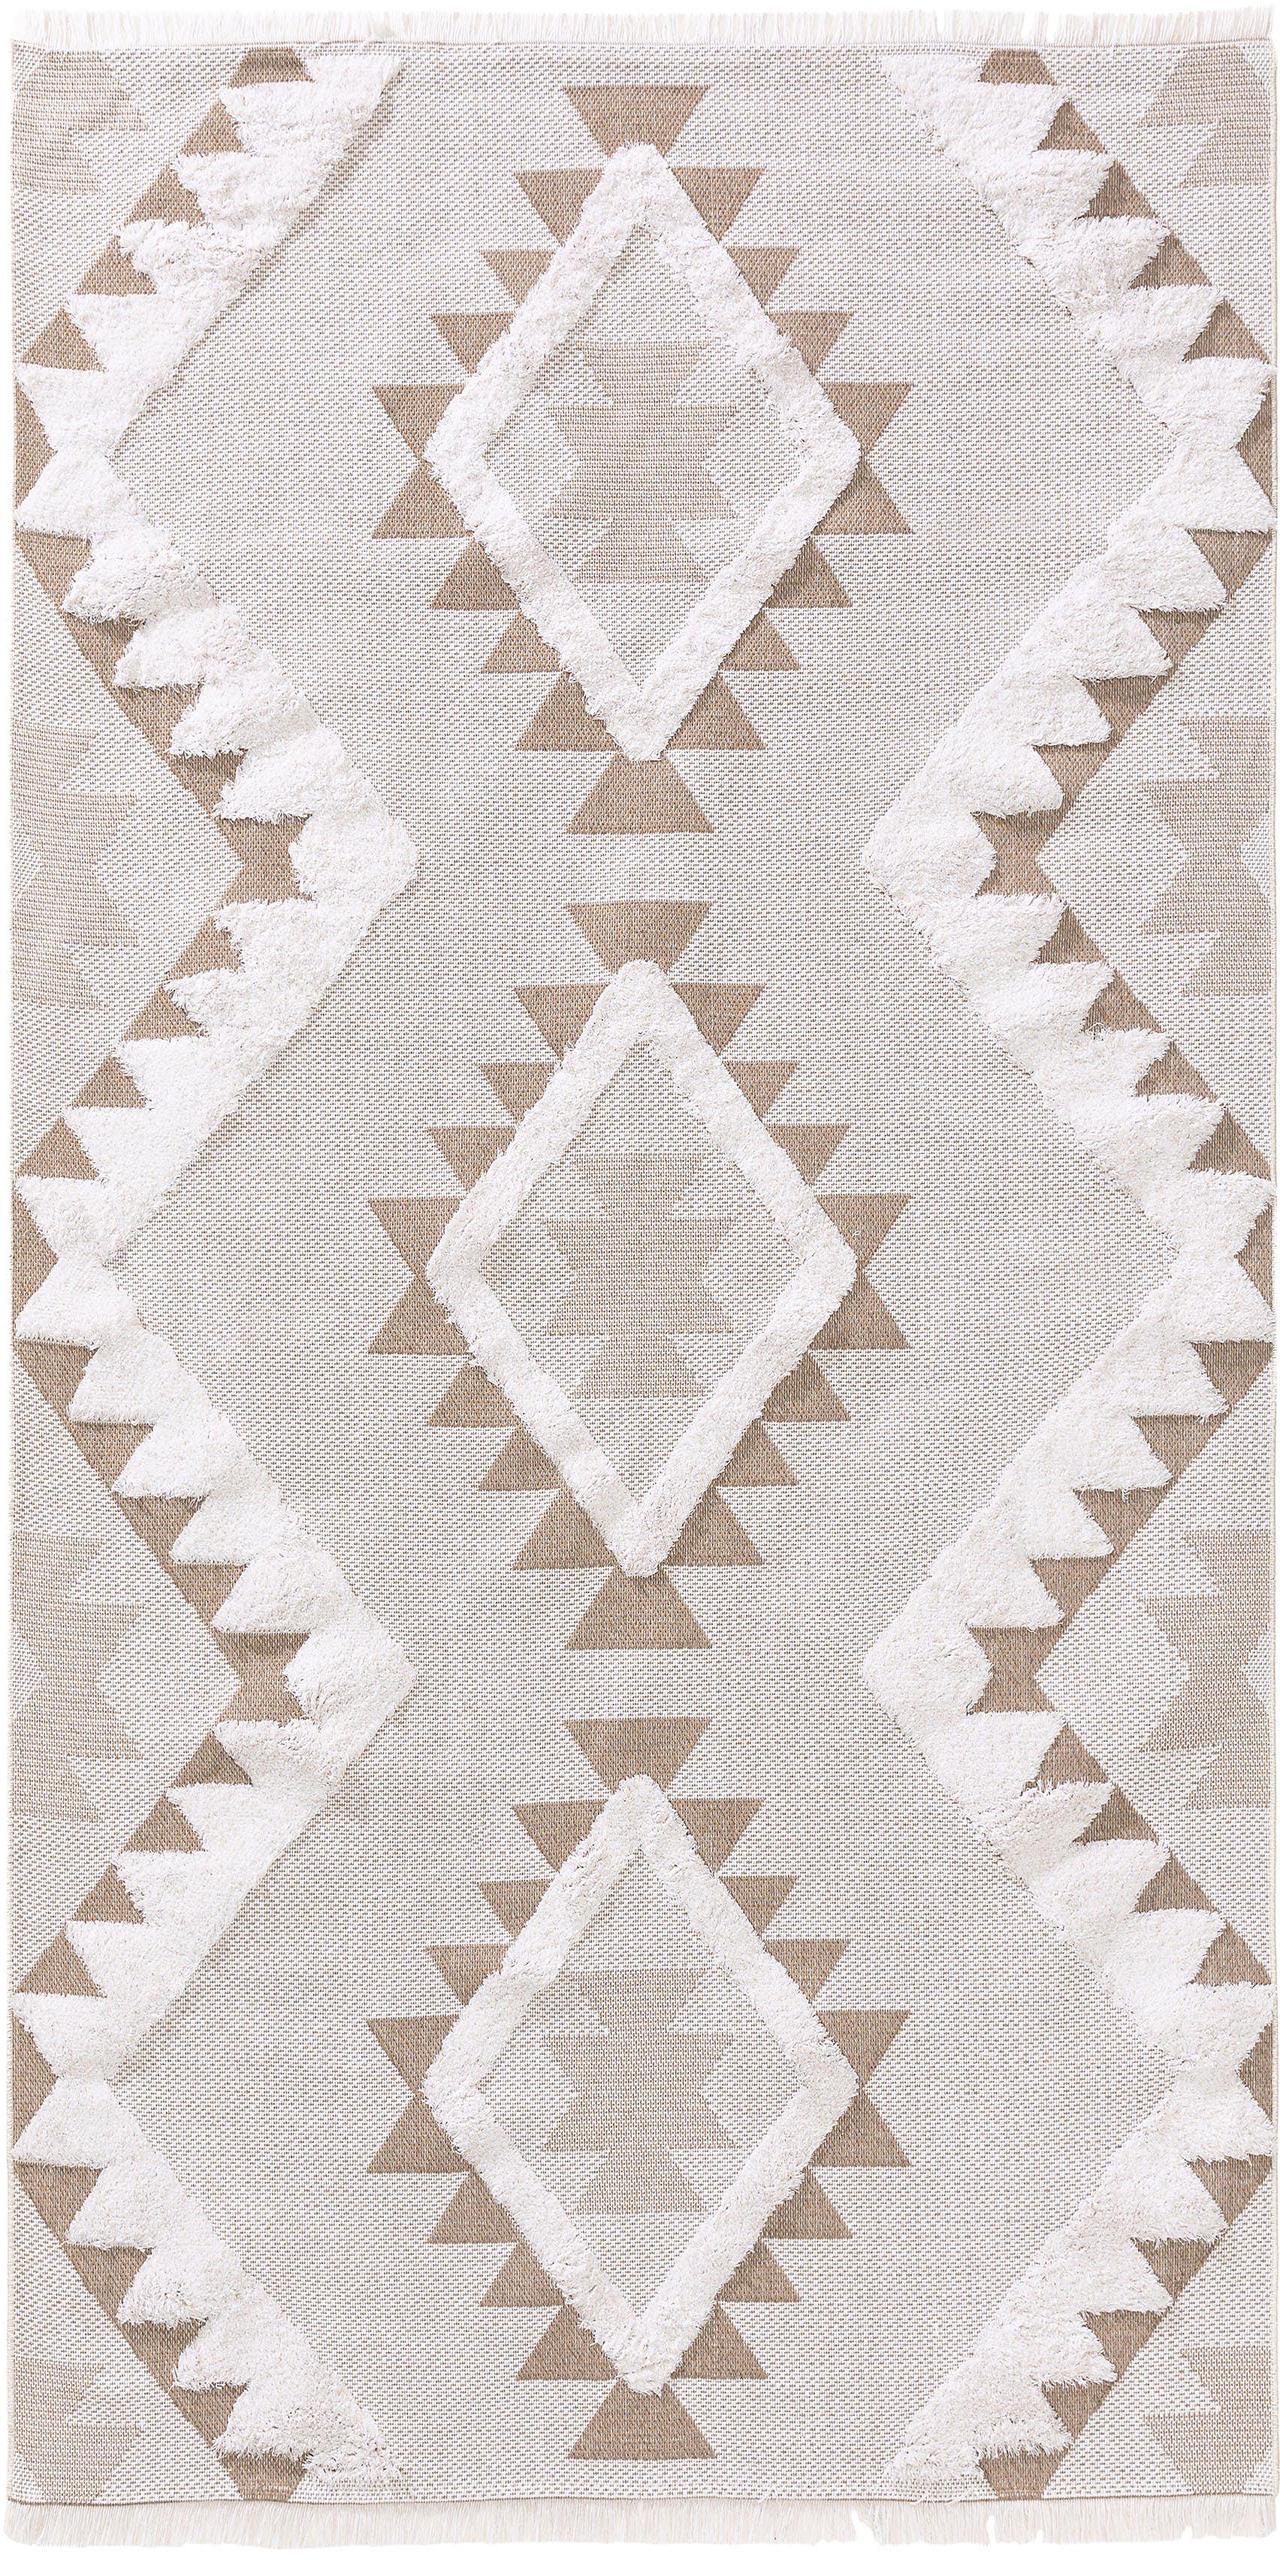 Alfombra lavable de algodón texturizada Oslo Aztec, 100%algodón, Blanco crema, gris pardo, An 75 x L 150 cm (Tamaño XS)